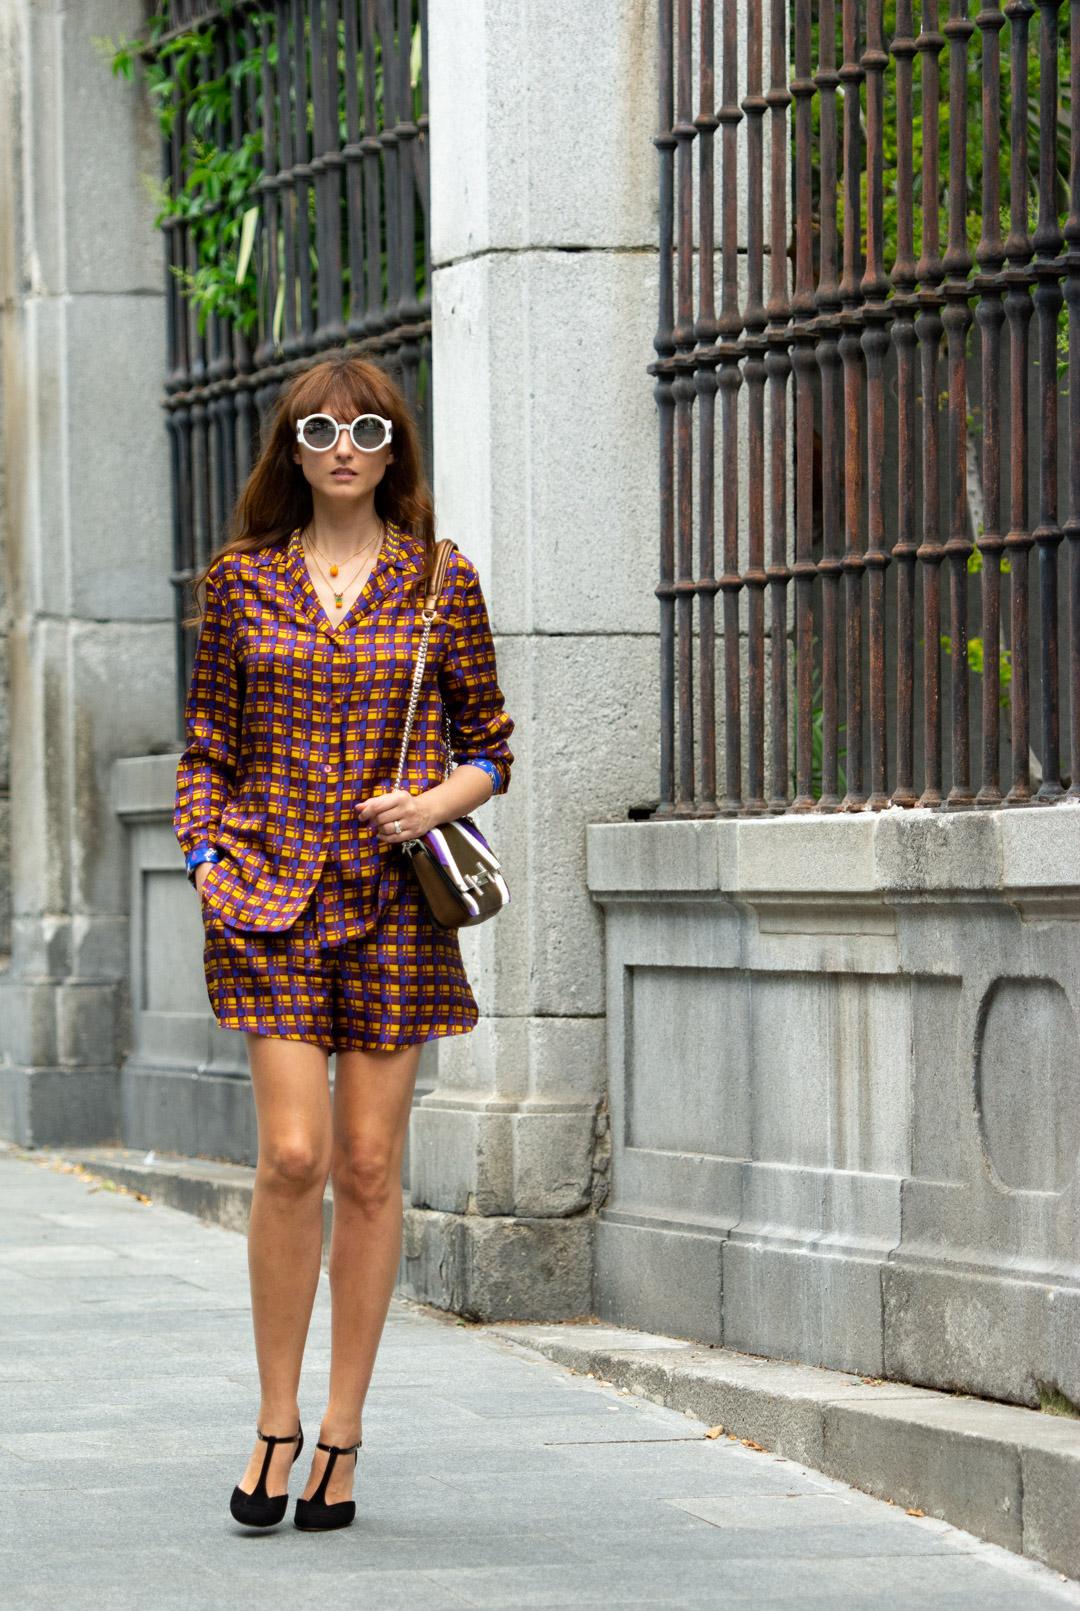 pijama-street-style-mayte-de-la-iglesia-web-14